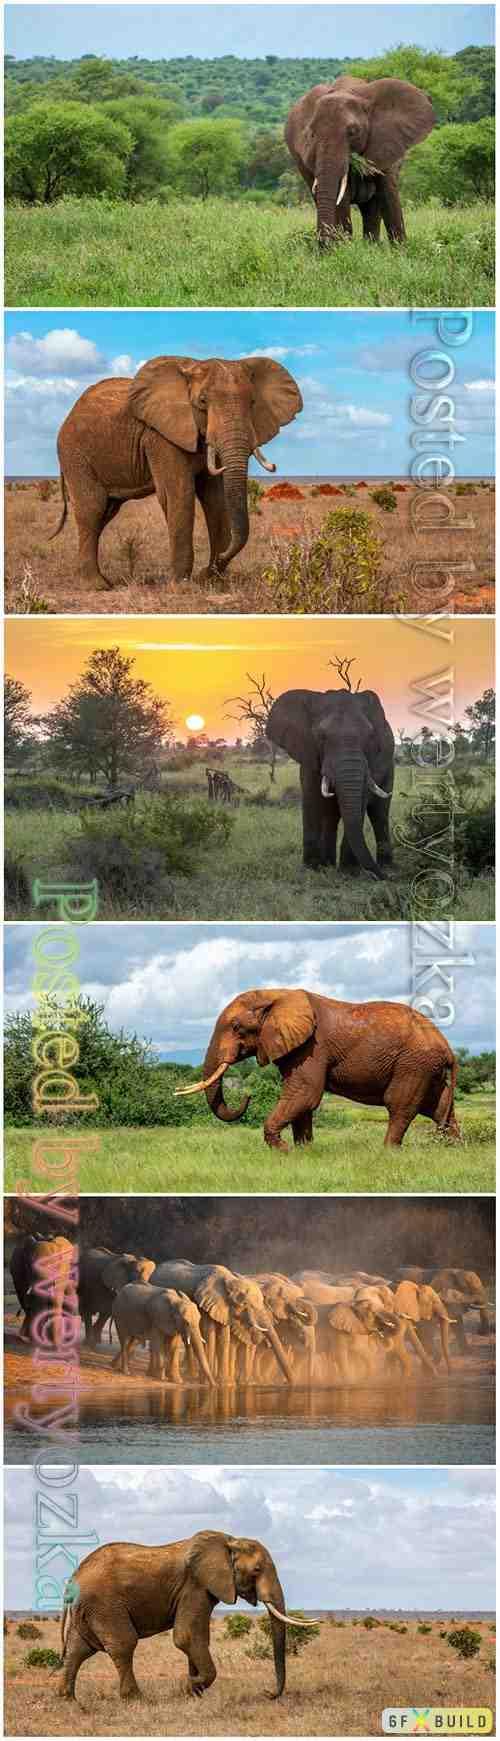 Elephant beautiful stock photo